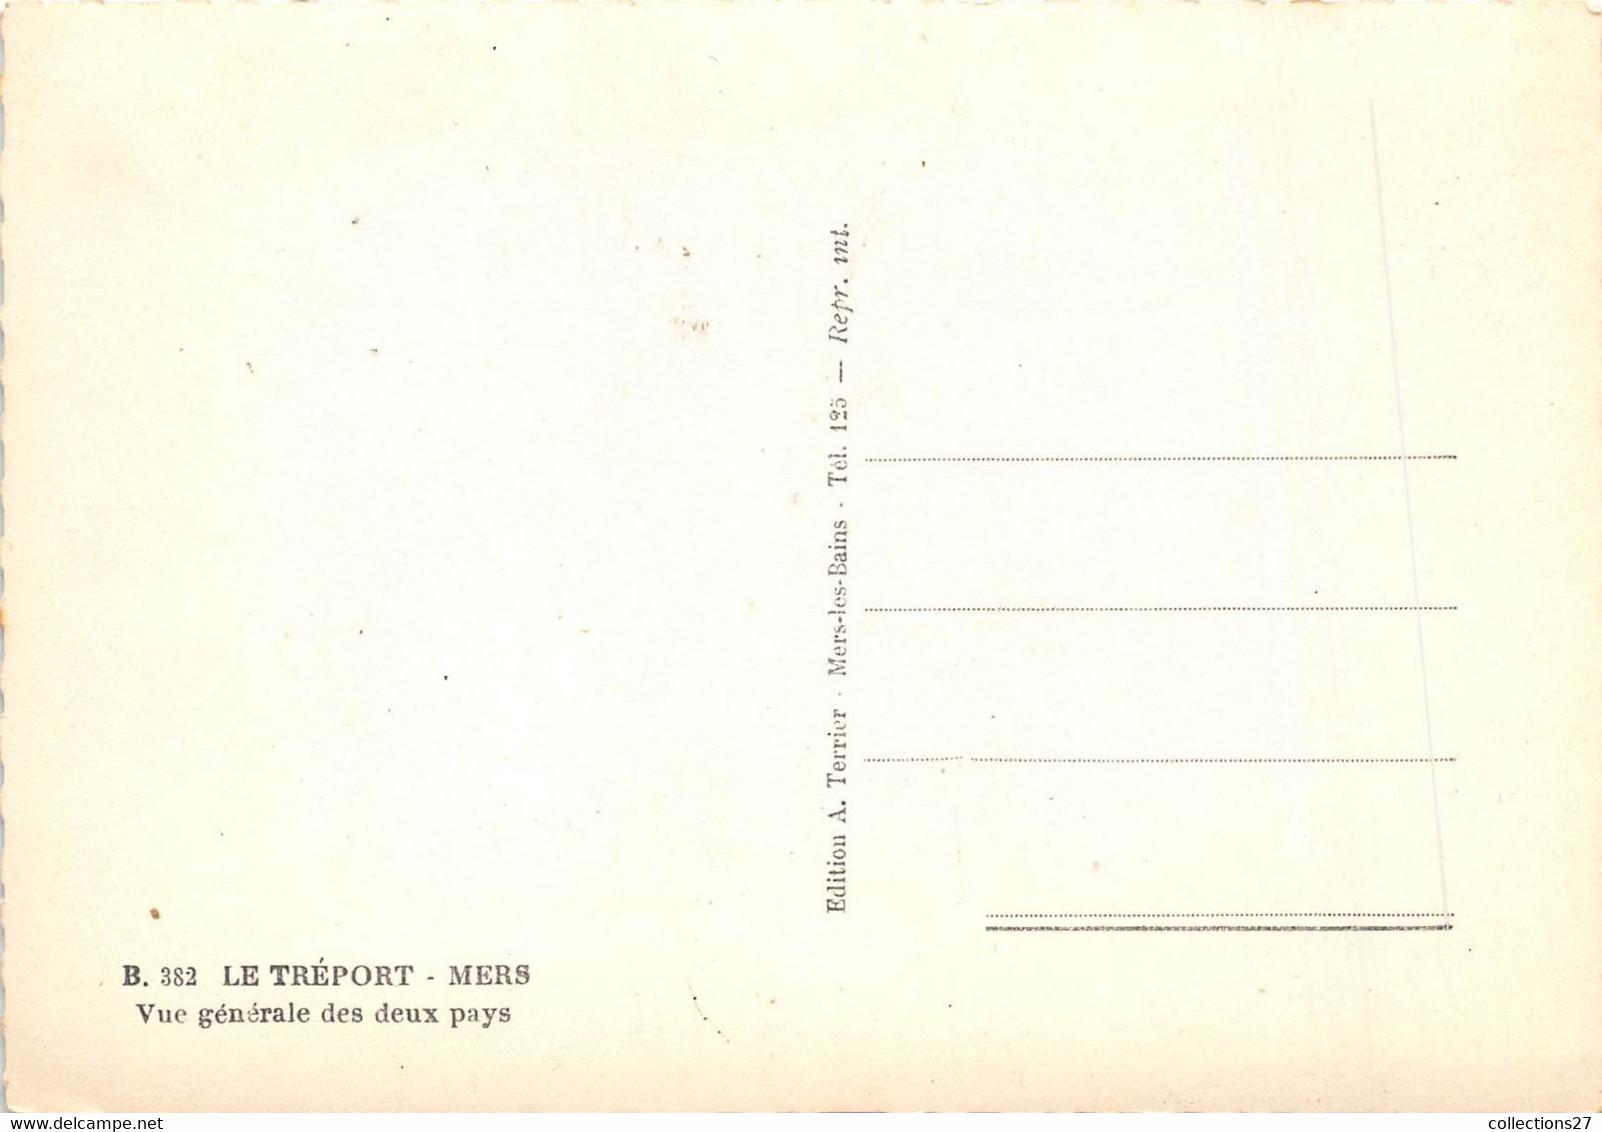 LOT DE 500 CARTES POSTALES MODERNE ET SEMI-MODERNE GRAND FORMAT- FRANCE- VILLAGES ET VILLES VOIR QUELQUE EXEMPLES - 500 Cartoline Min.